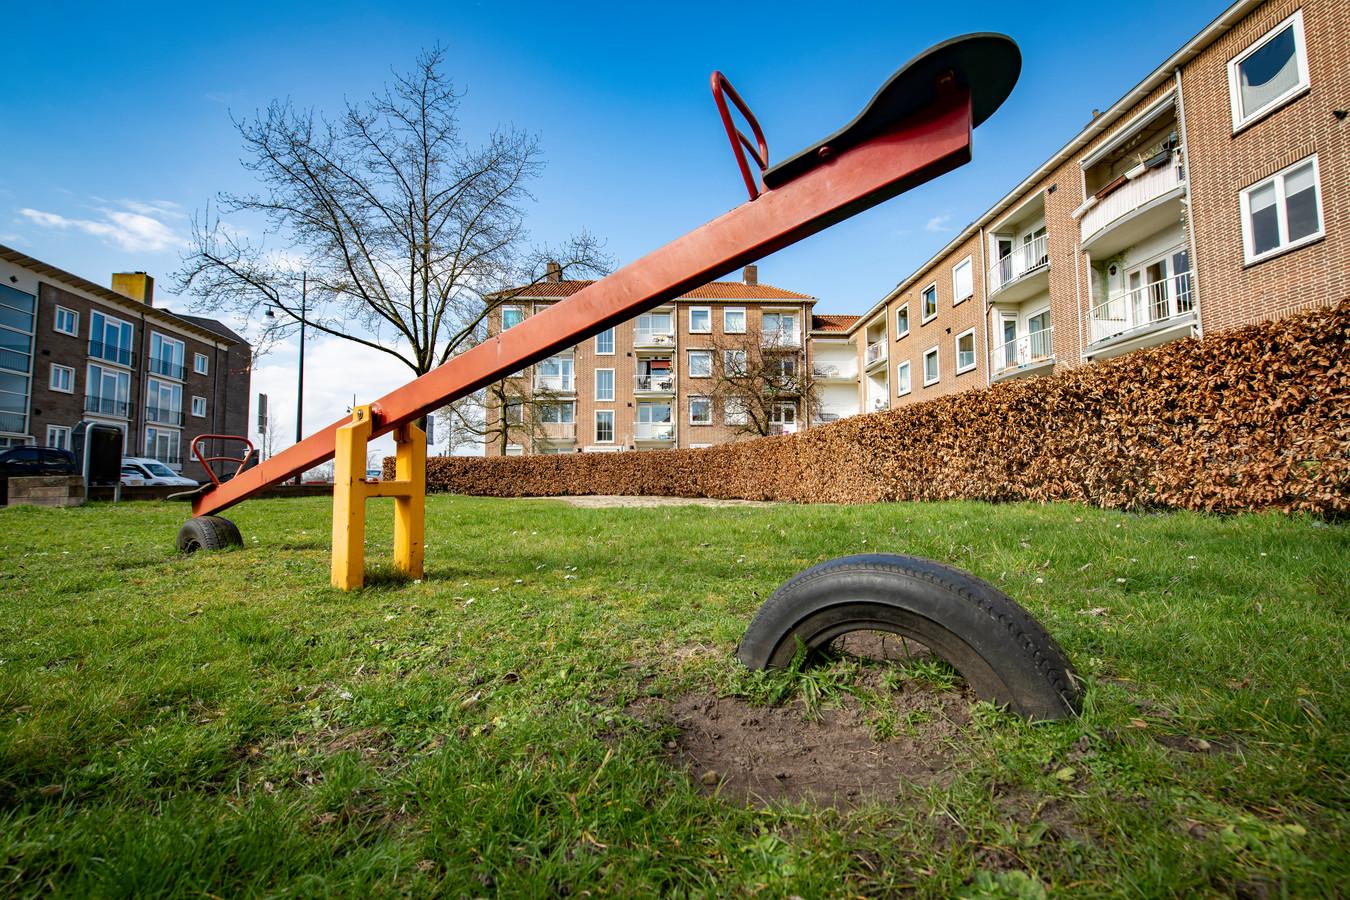 De speeltuin aan de Brugstraat in Zutphen. De grond onder de speeltuin bevat een te hoog loodpercentage, bleek eerder dit jaar uit onderzoek van de provincie Gelderland. Zutphen heeft daarom de bodem van alle speeltuinen in de oude kernen in de gemeente laten onderzoeken.